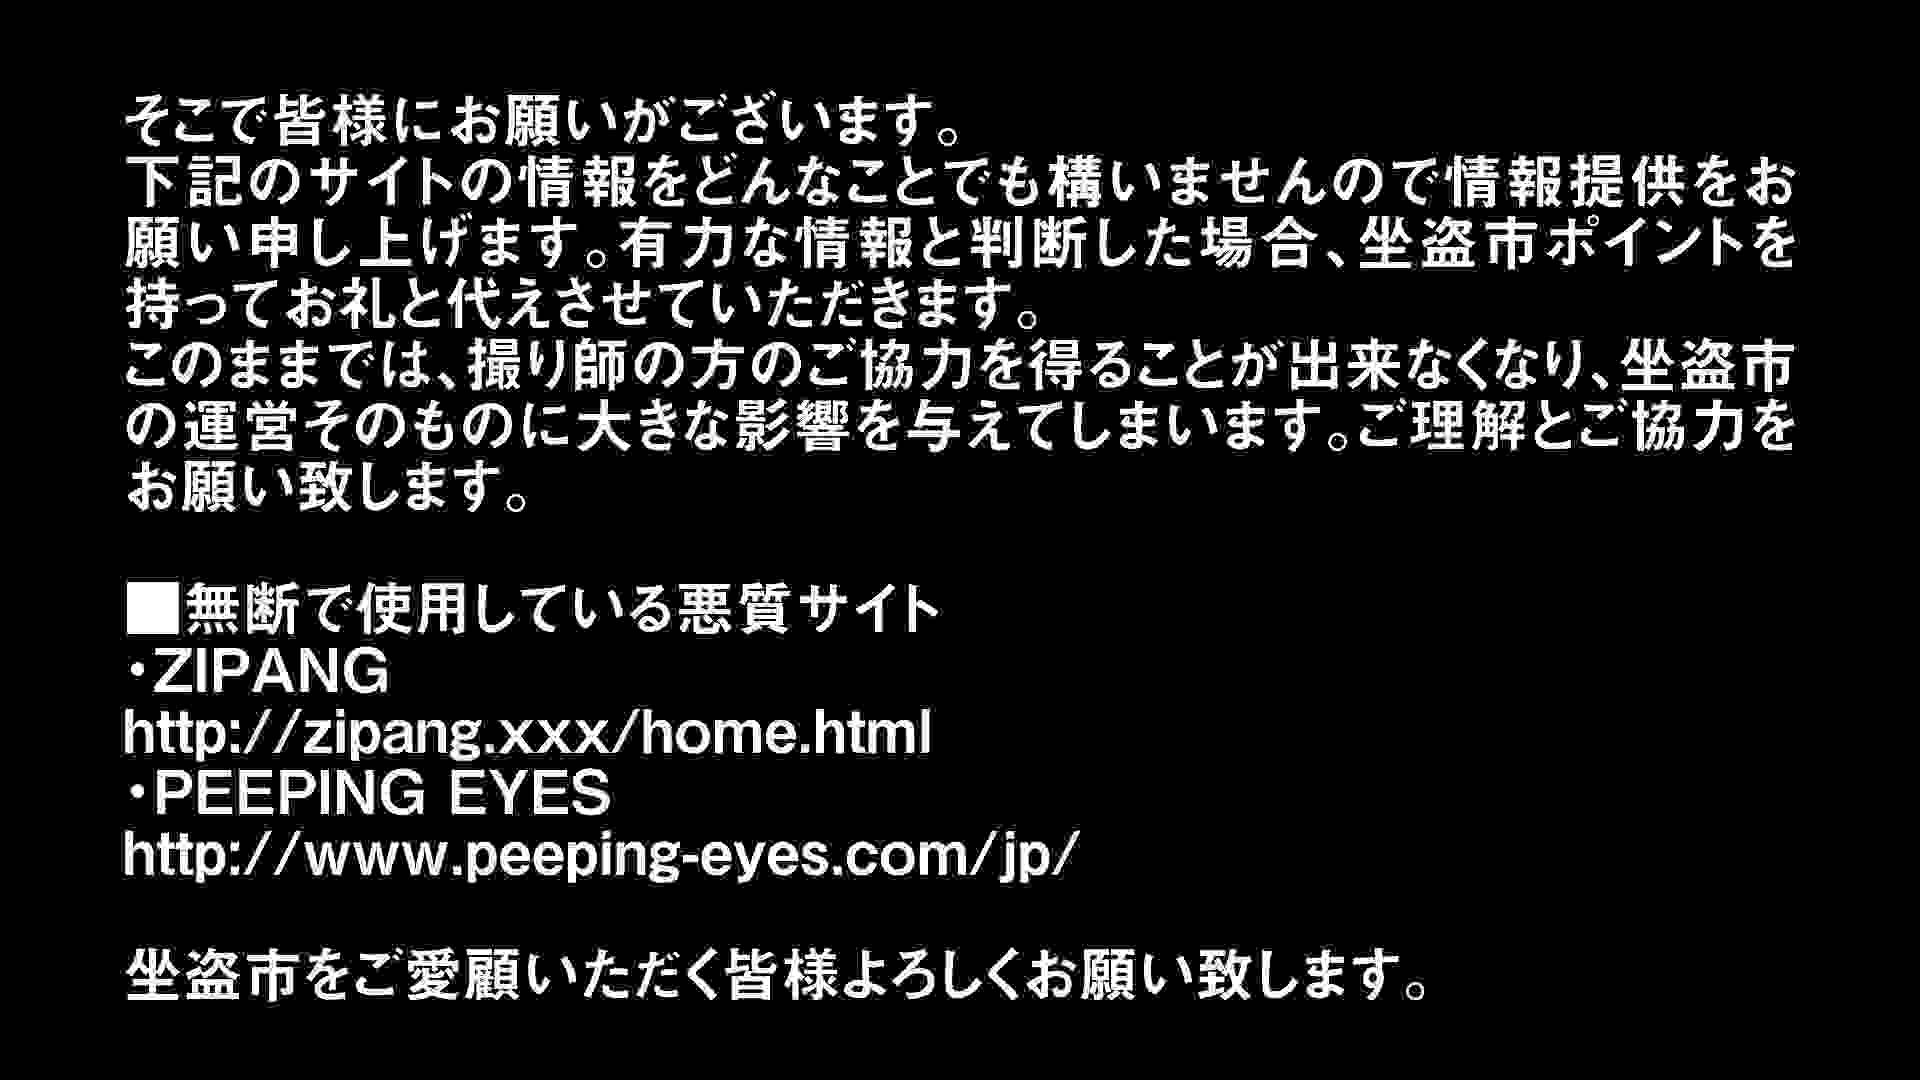 Aquaな露天風呂Vol.297 OLエロ画像  99PICs 48